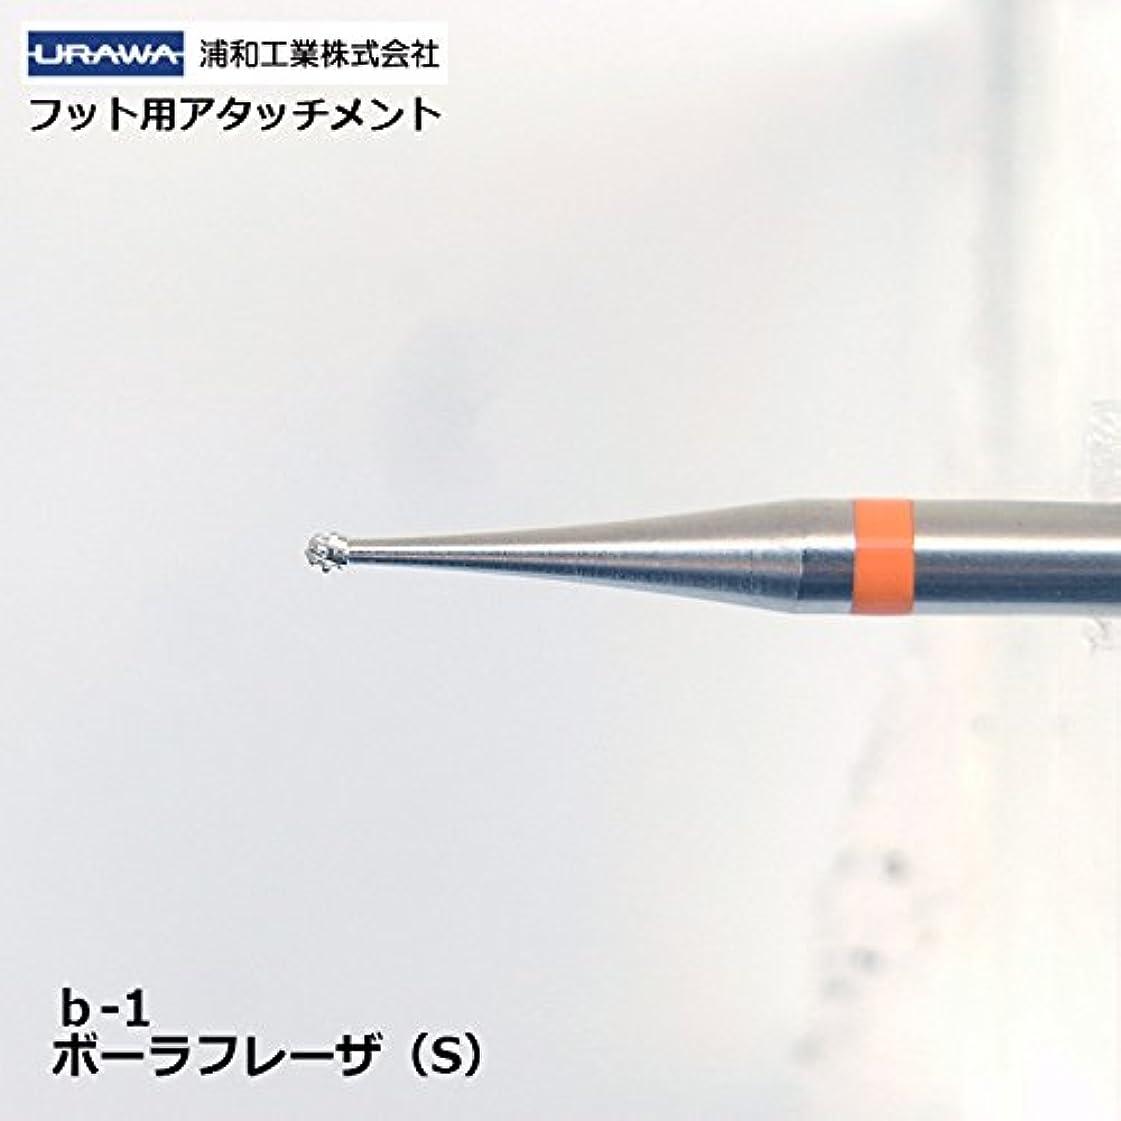 アリス池視線【URAWA】ボーラフレーザーS(b-1)【フット用アタッチメント】